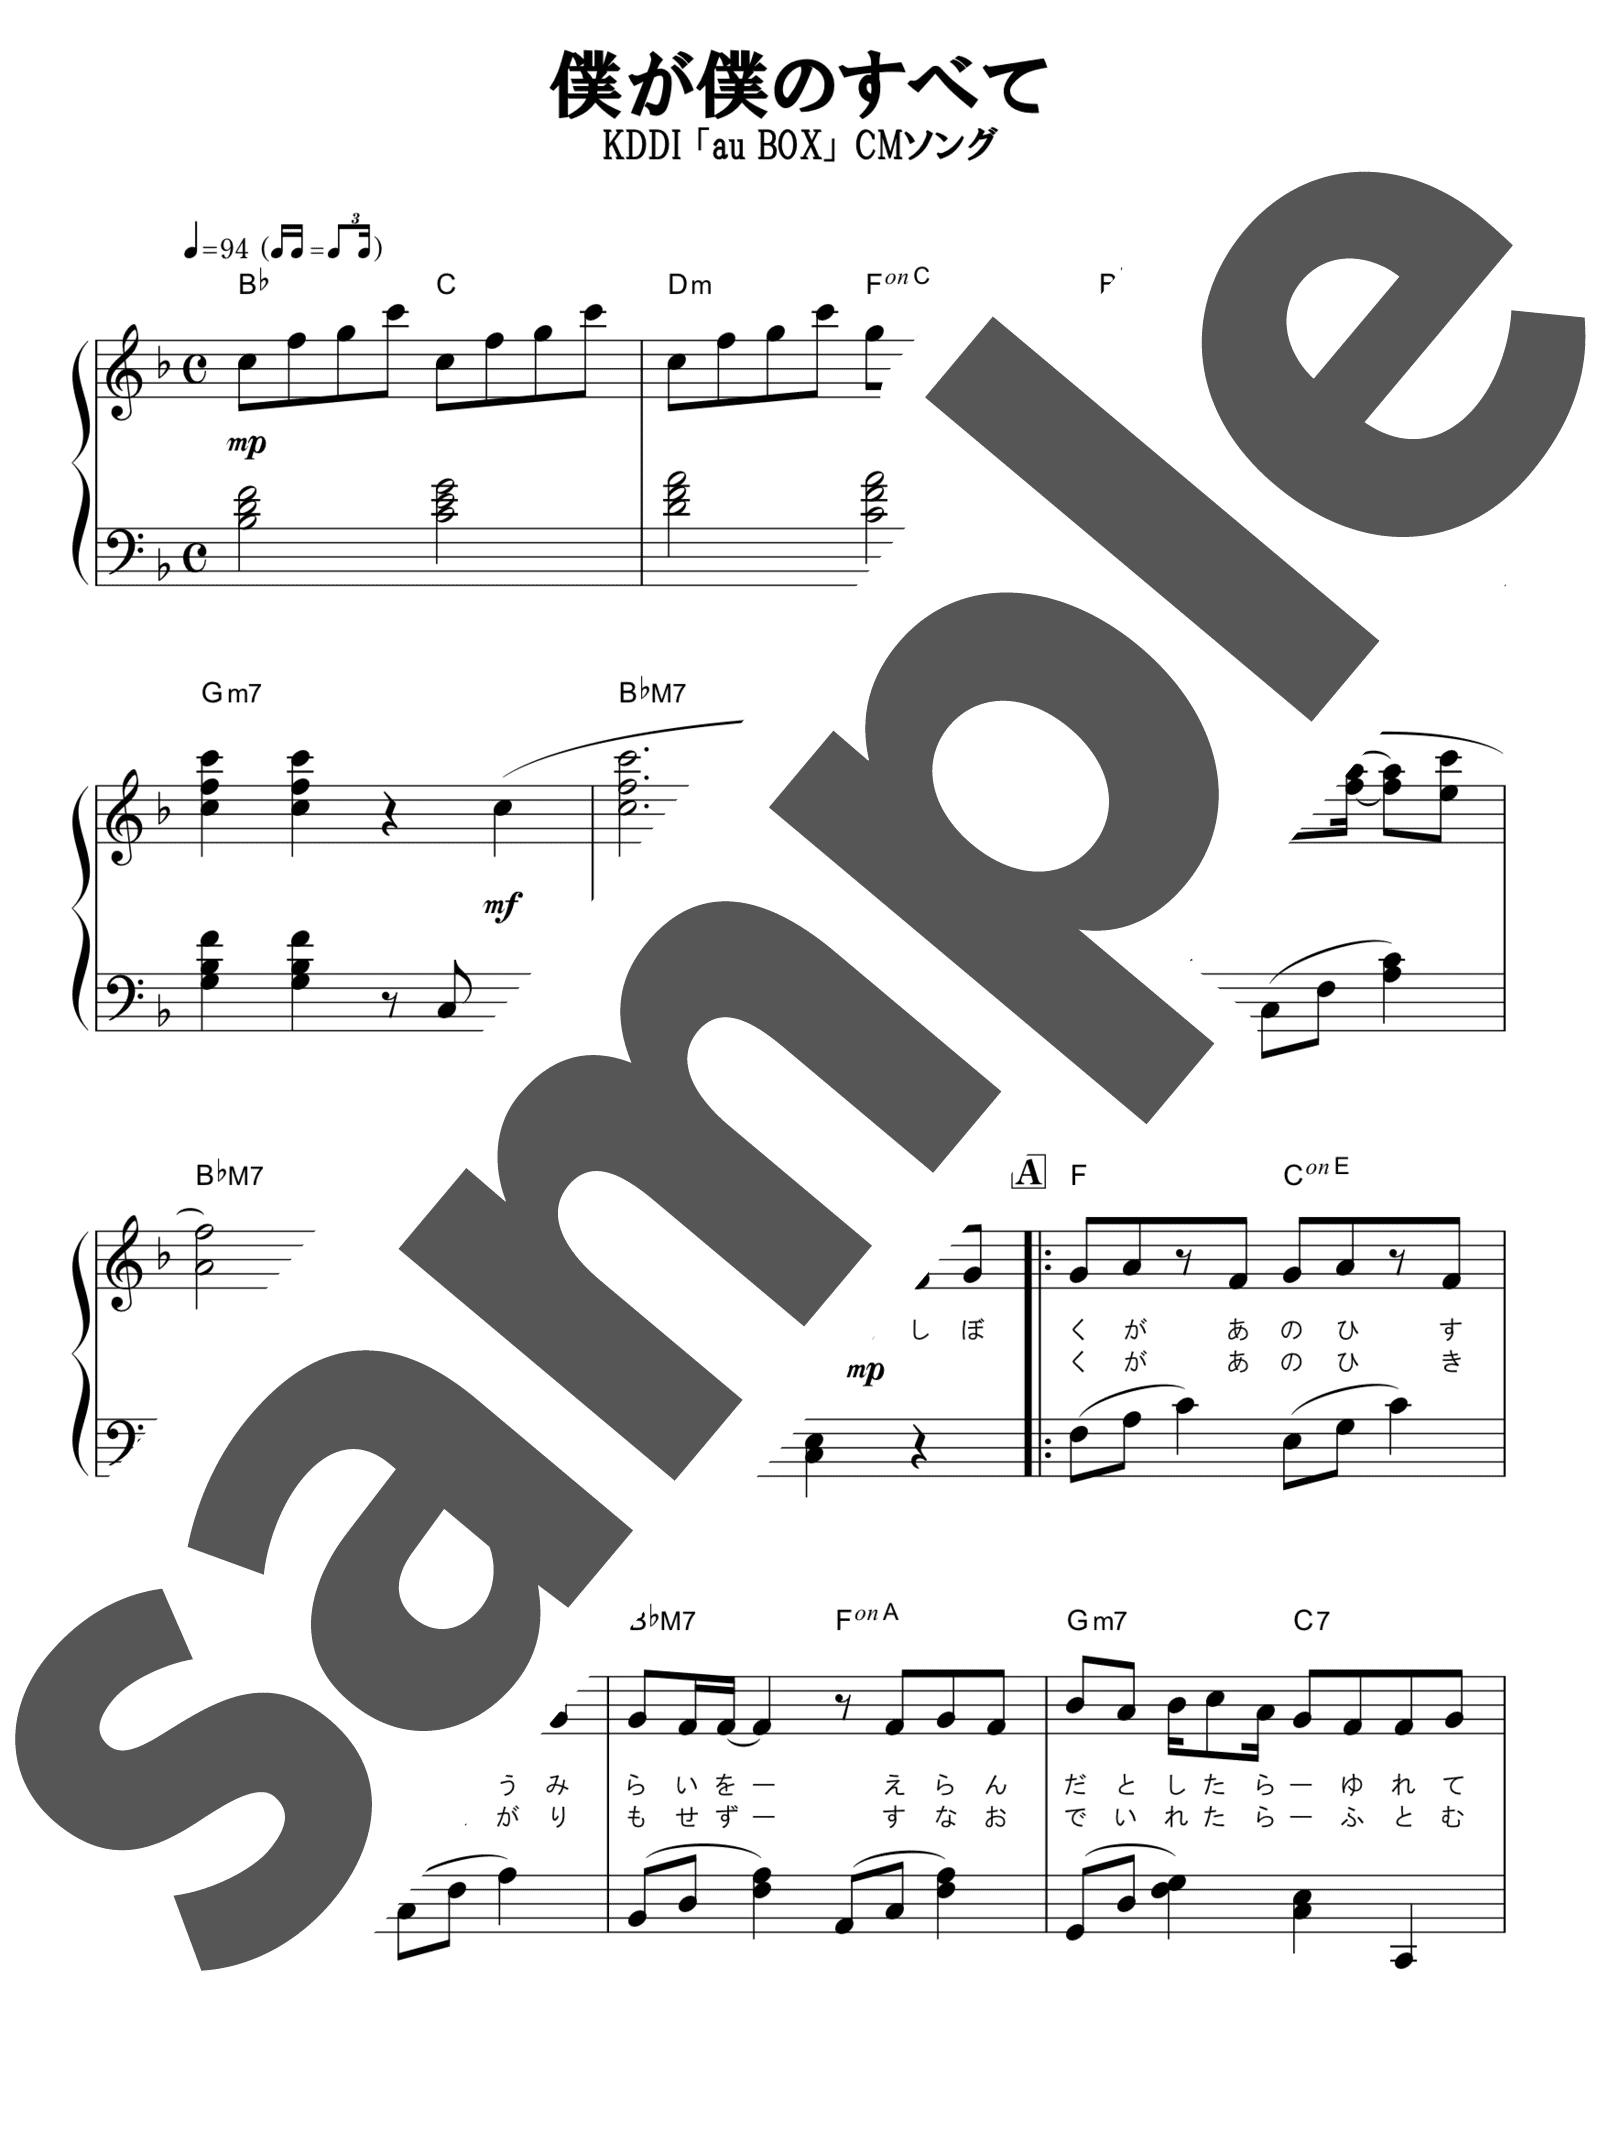 「僕が僕のすべて」のサンプル楽譜